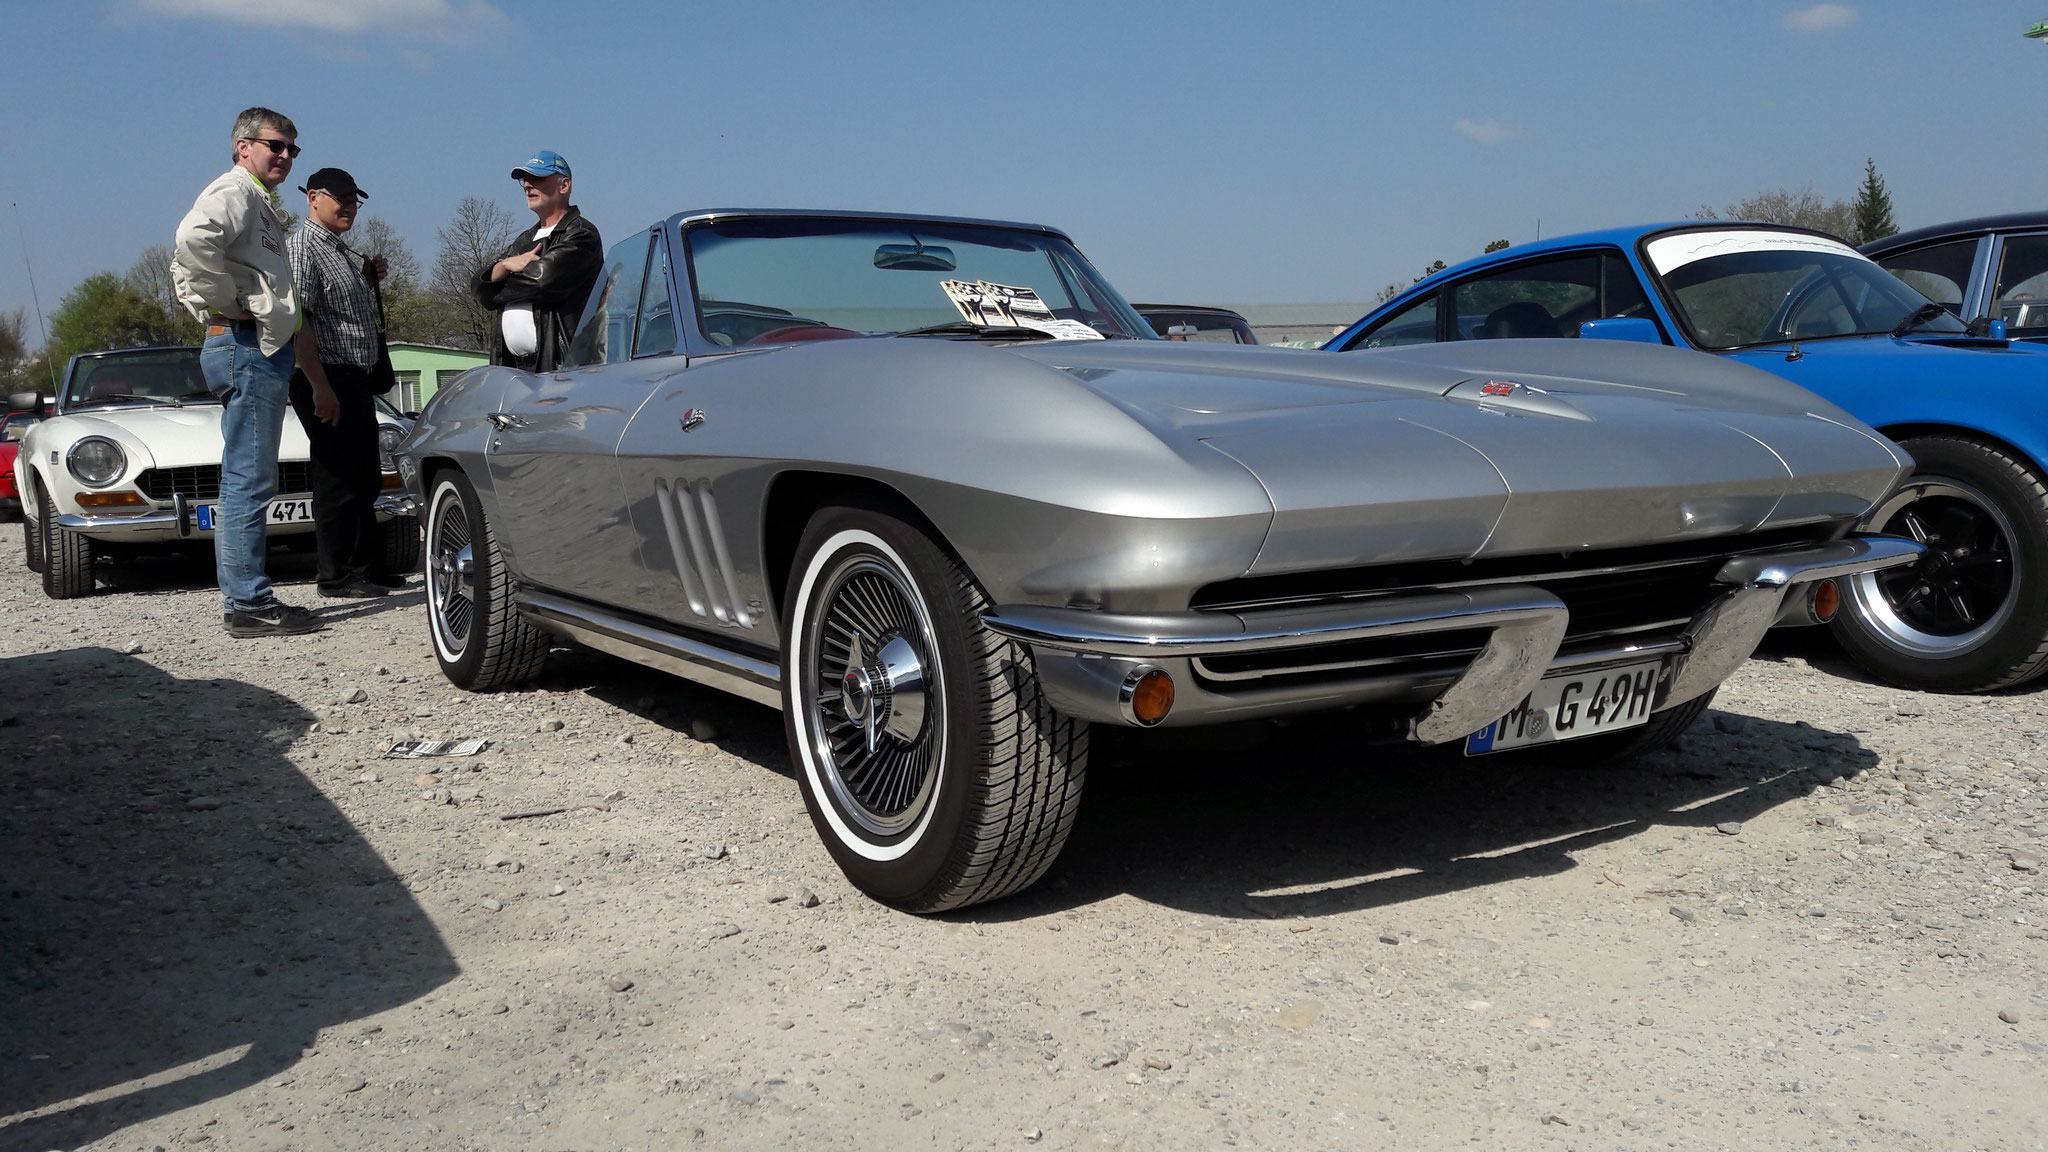 Chevrolet Corvette C2 - M-G-49H